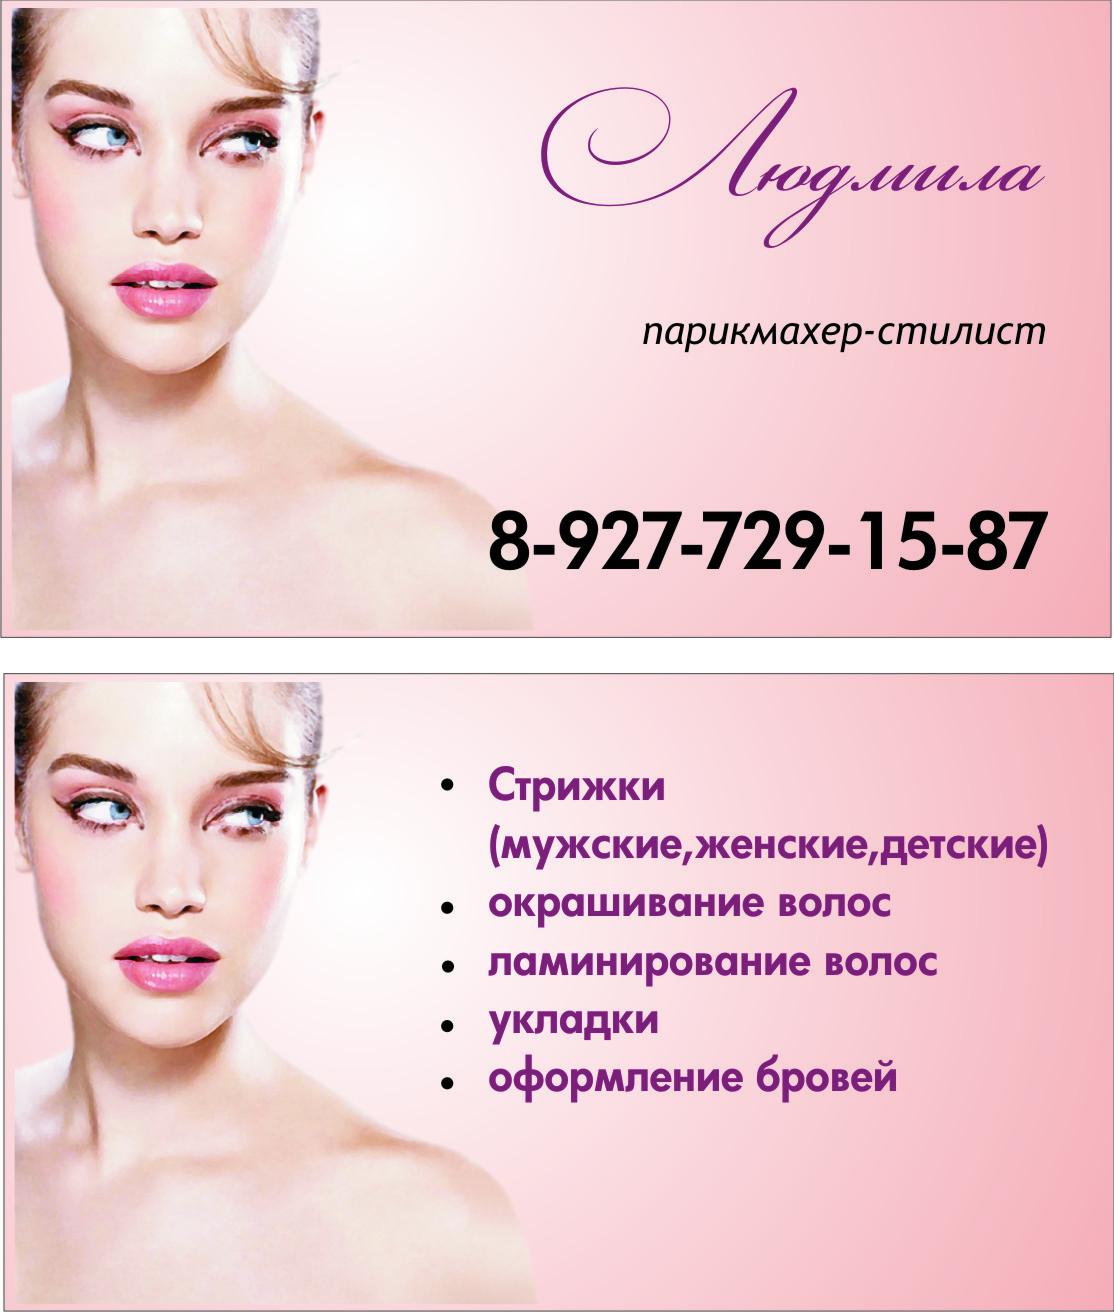 coreldraw 17 скачать бесплатно на русском